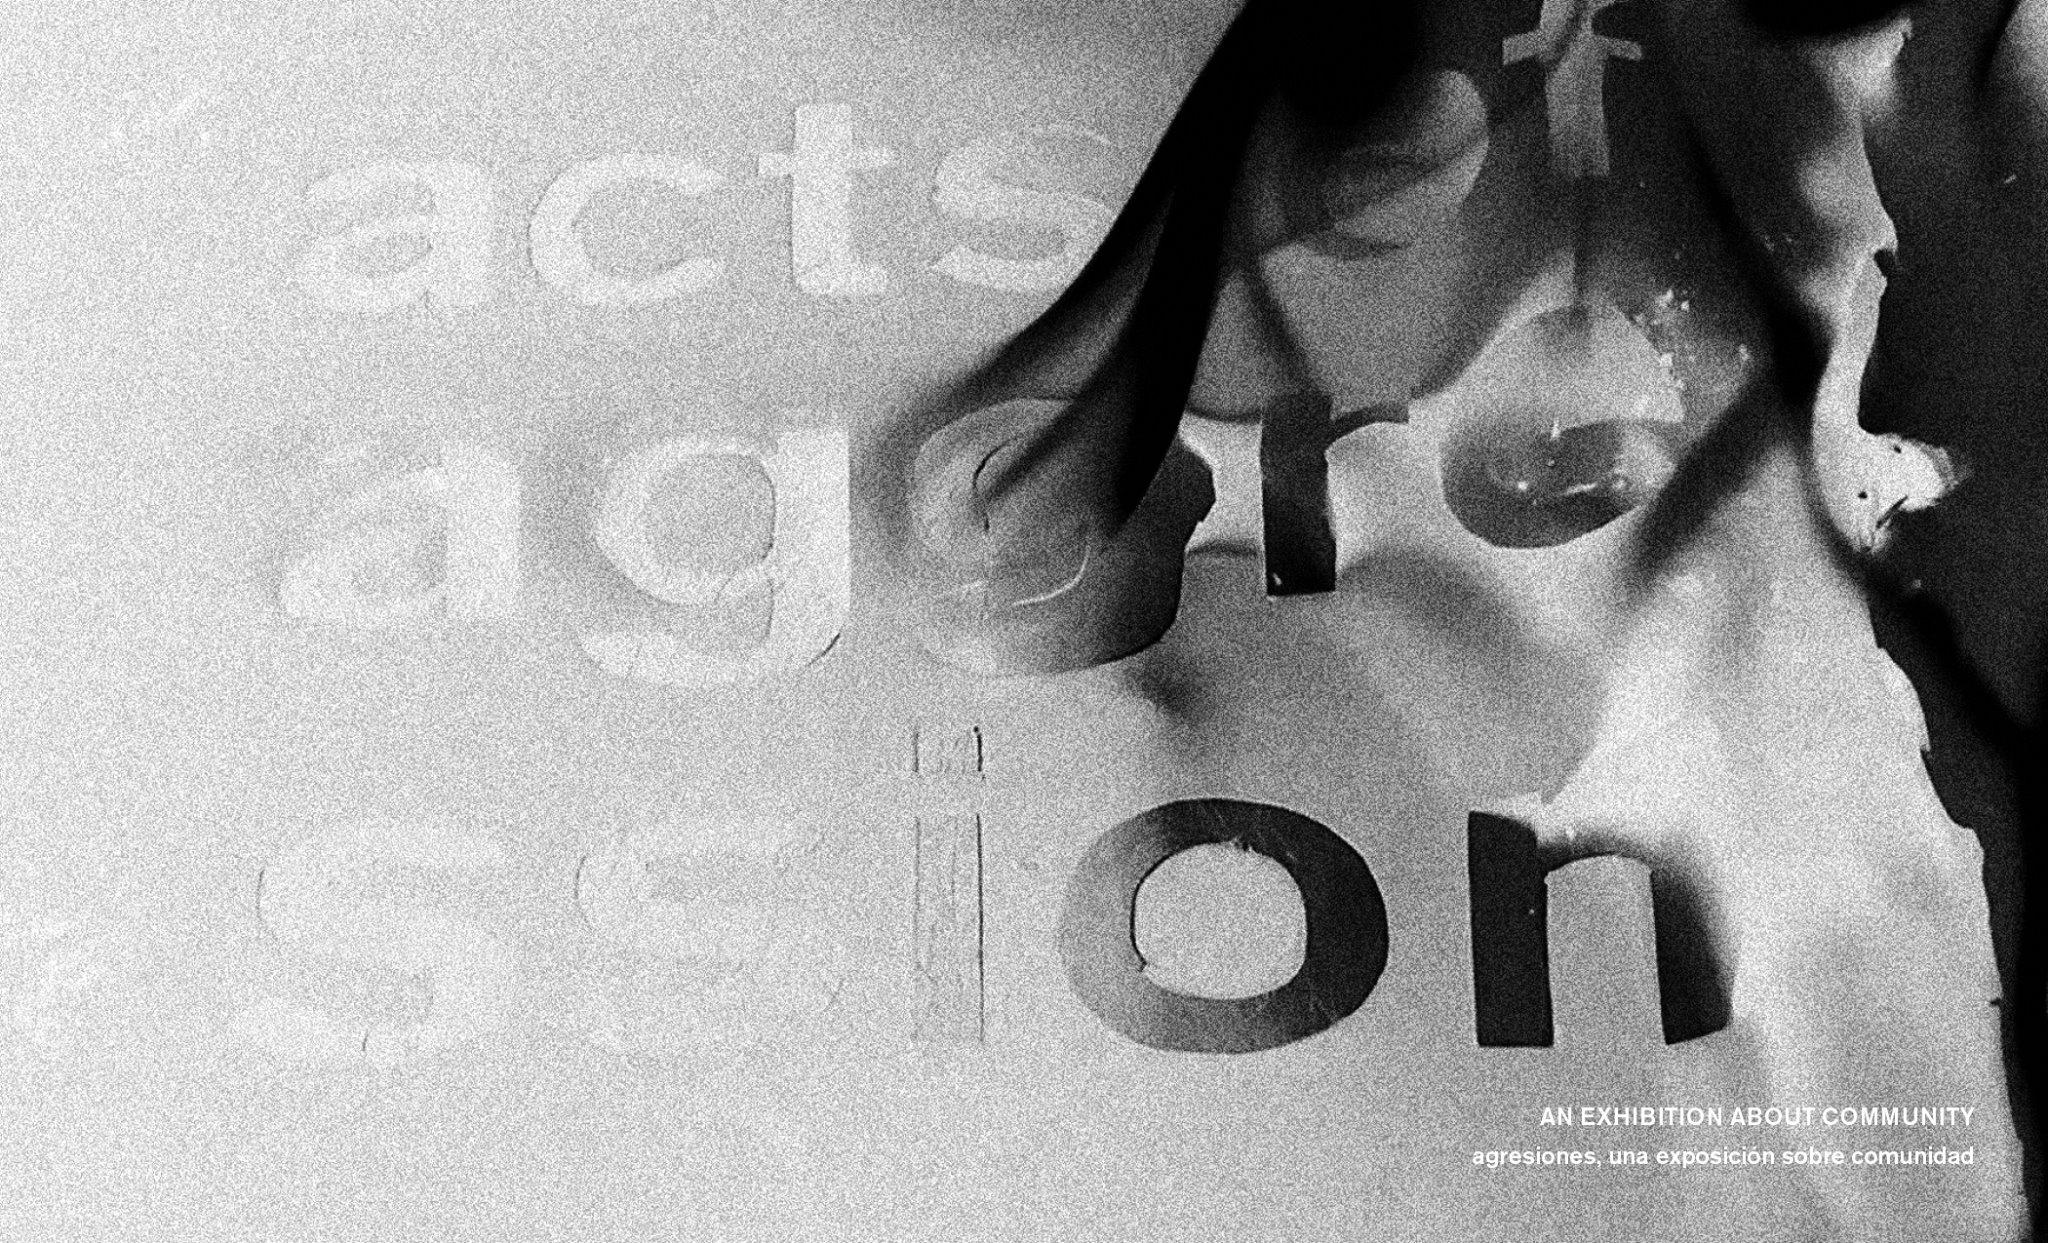 Acts of Aggresion / Agresiones: una muestra sobre comunidad está en la Galería Pollock de la universidad Southern Methodist en Dallas, Tx, entre 9 septiembre 2017 y 14 octubre 2017. Este ensayo está publicado en el catálogo que acompaña la muestra, y también incluye textos de Esvin Alarcón Lam, Hellen Ascoli, Mario Santizo, Ines Verdugo, y el poeta Julio Serrano.